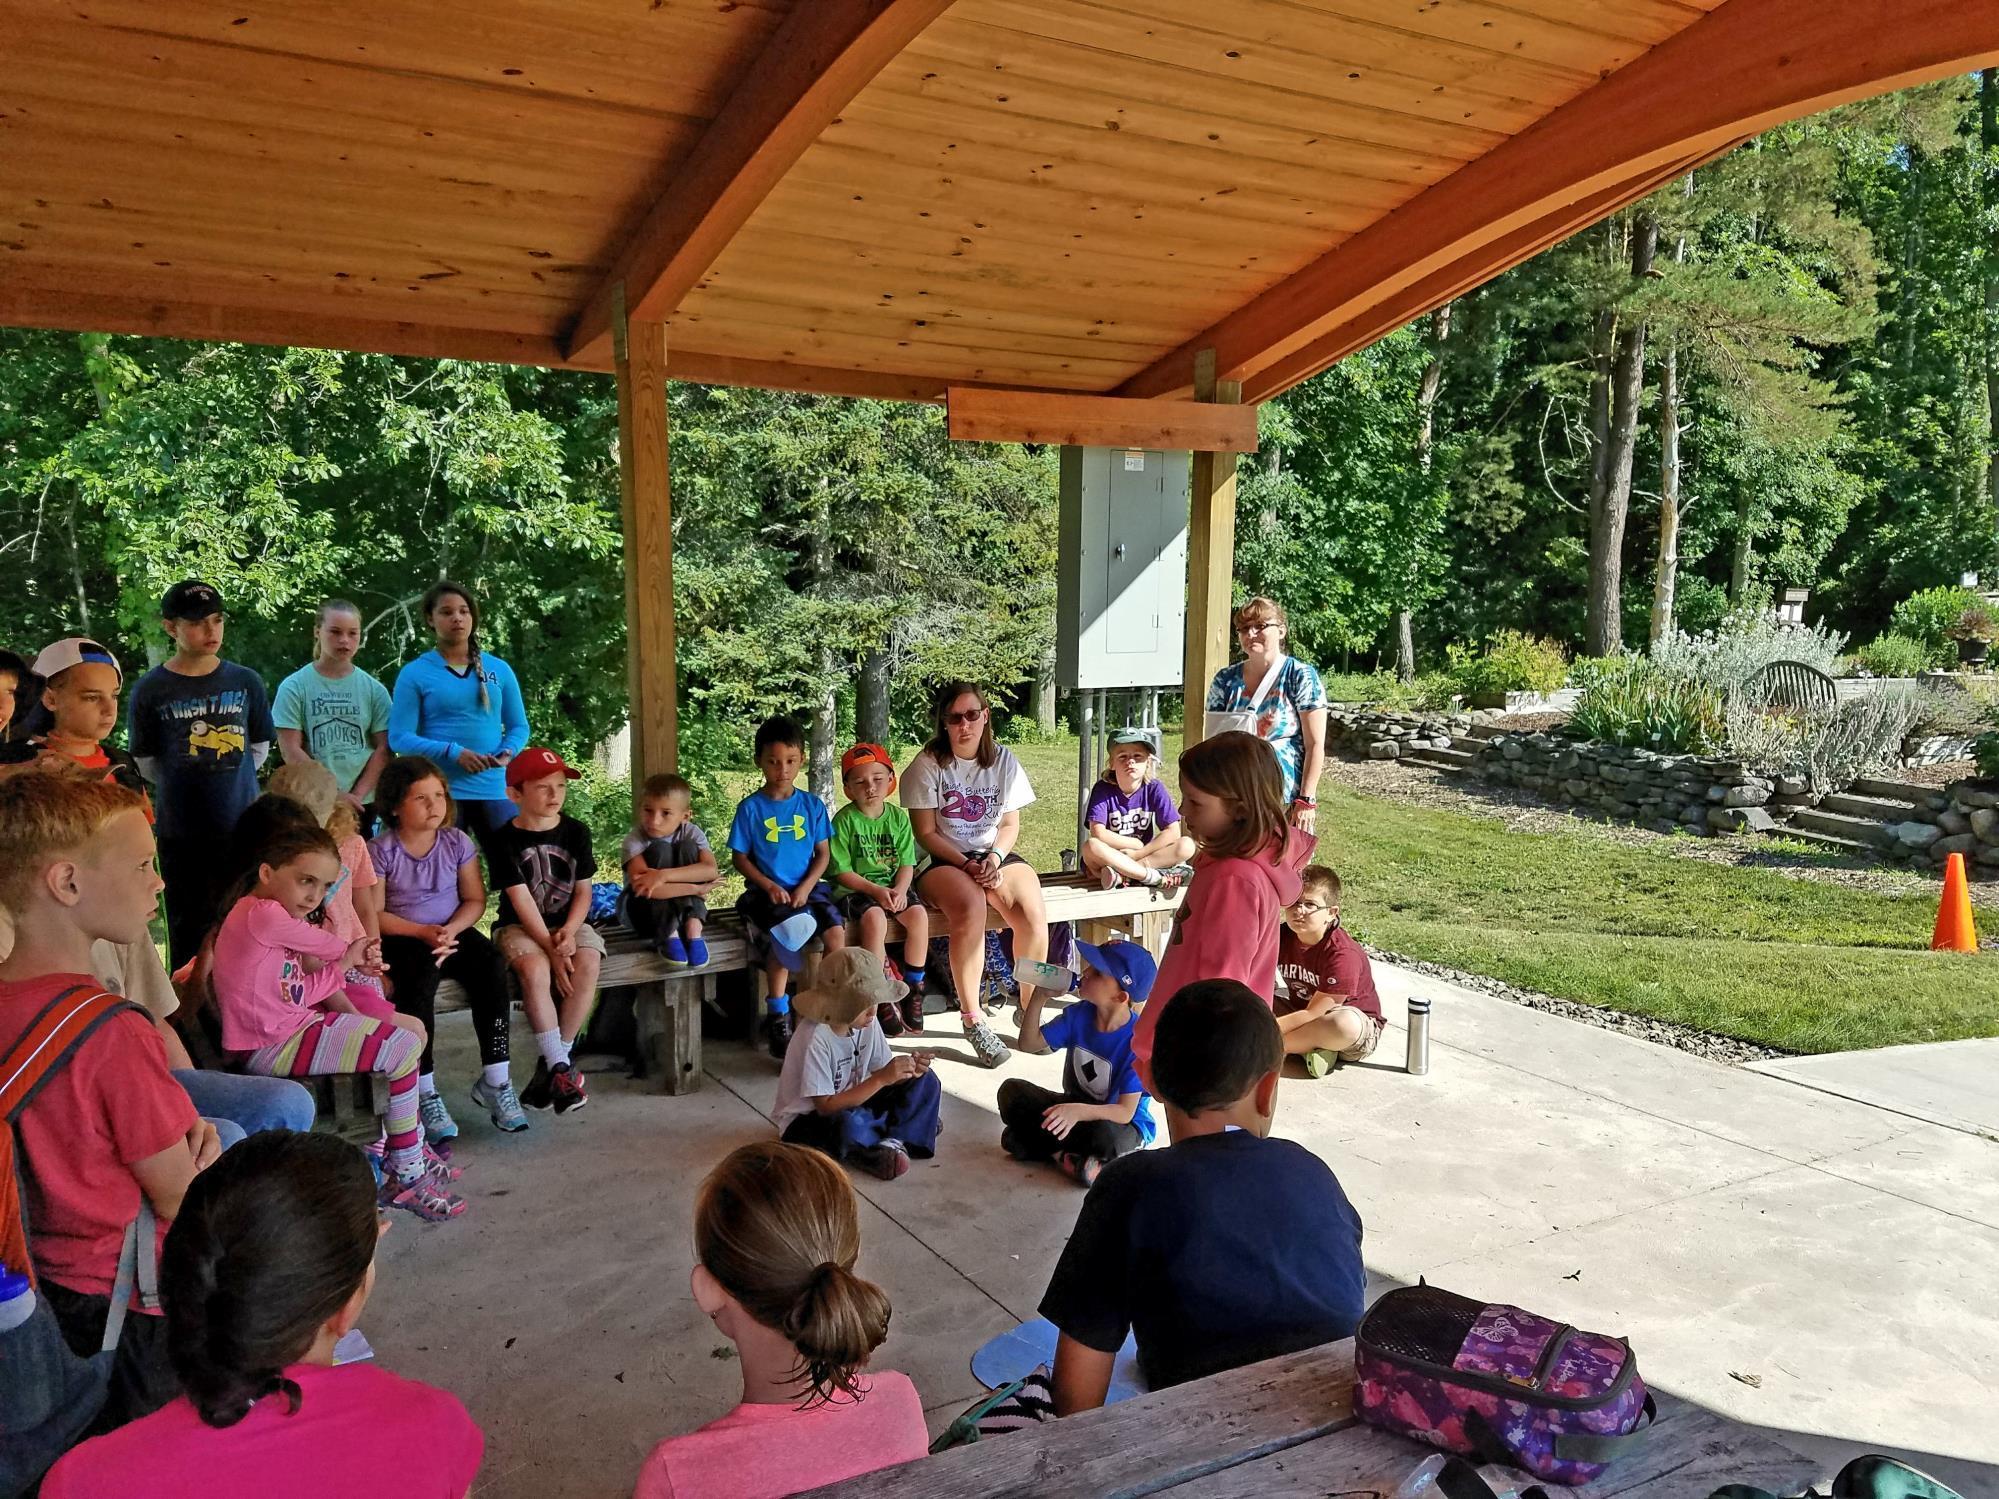 Children in pavilion